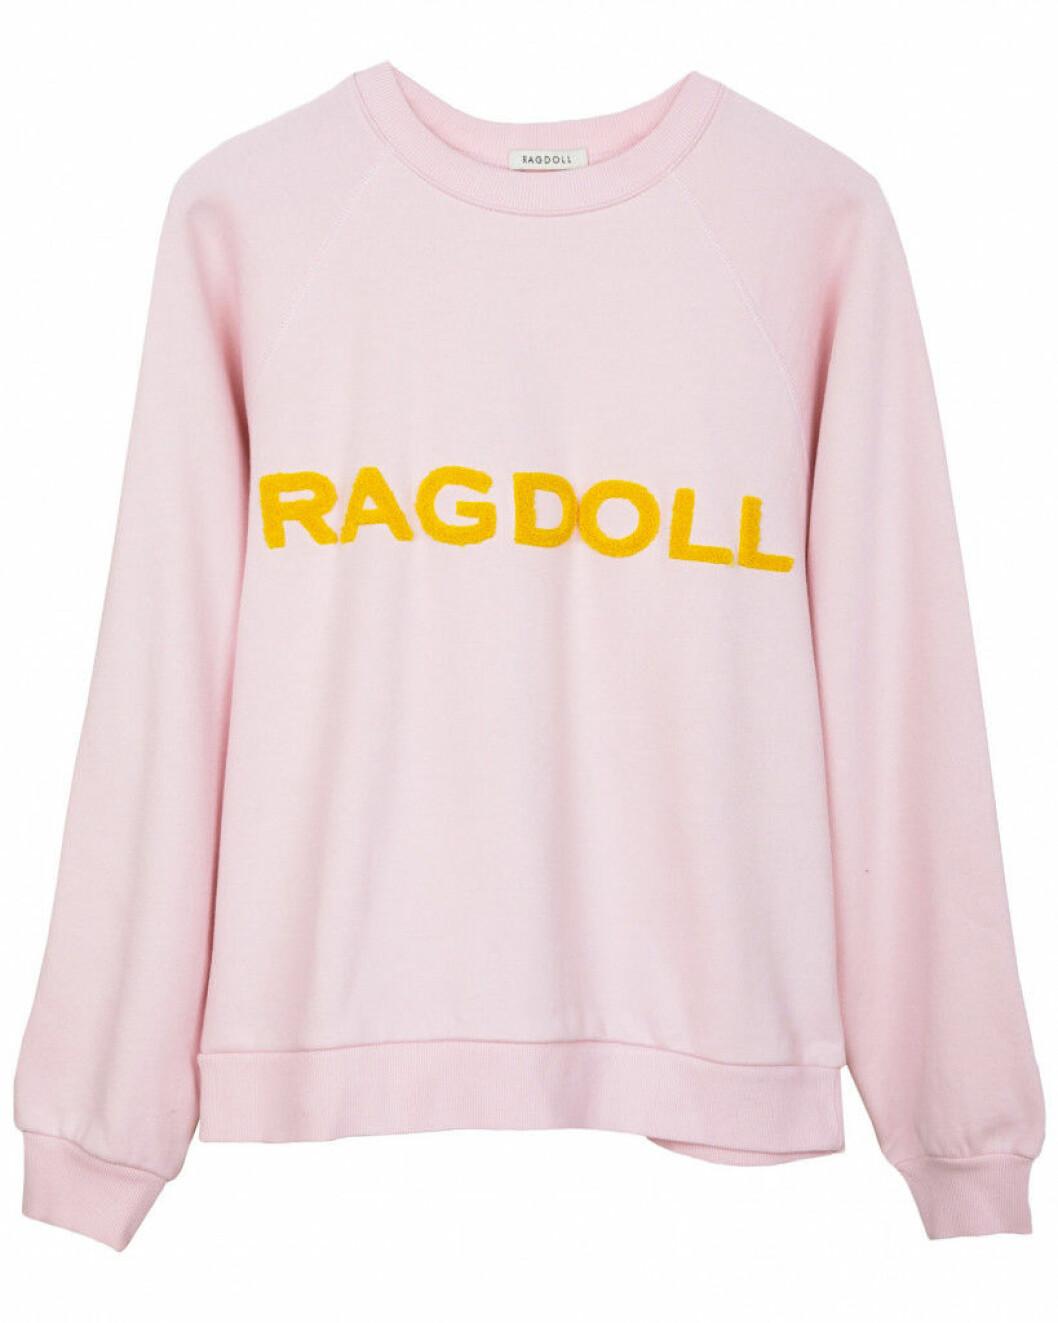 rosa mjukiströja med gul text från ragdoll.